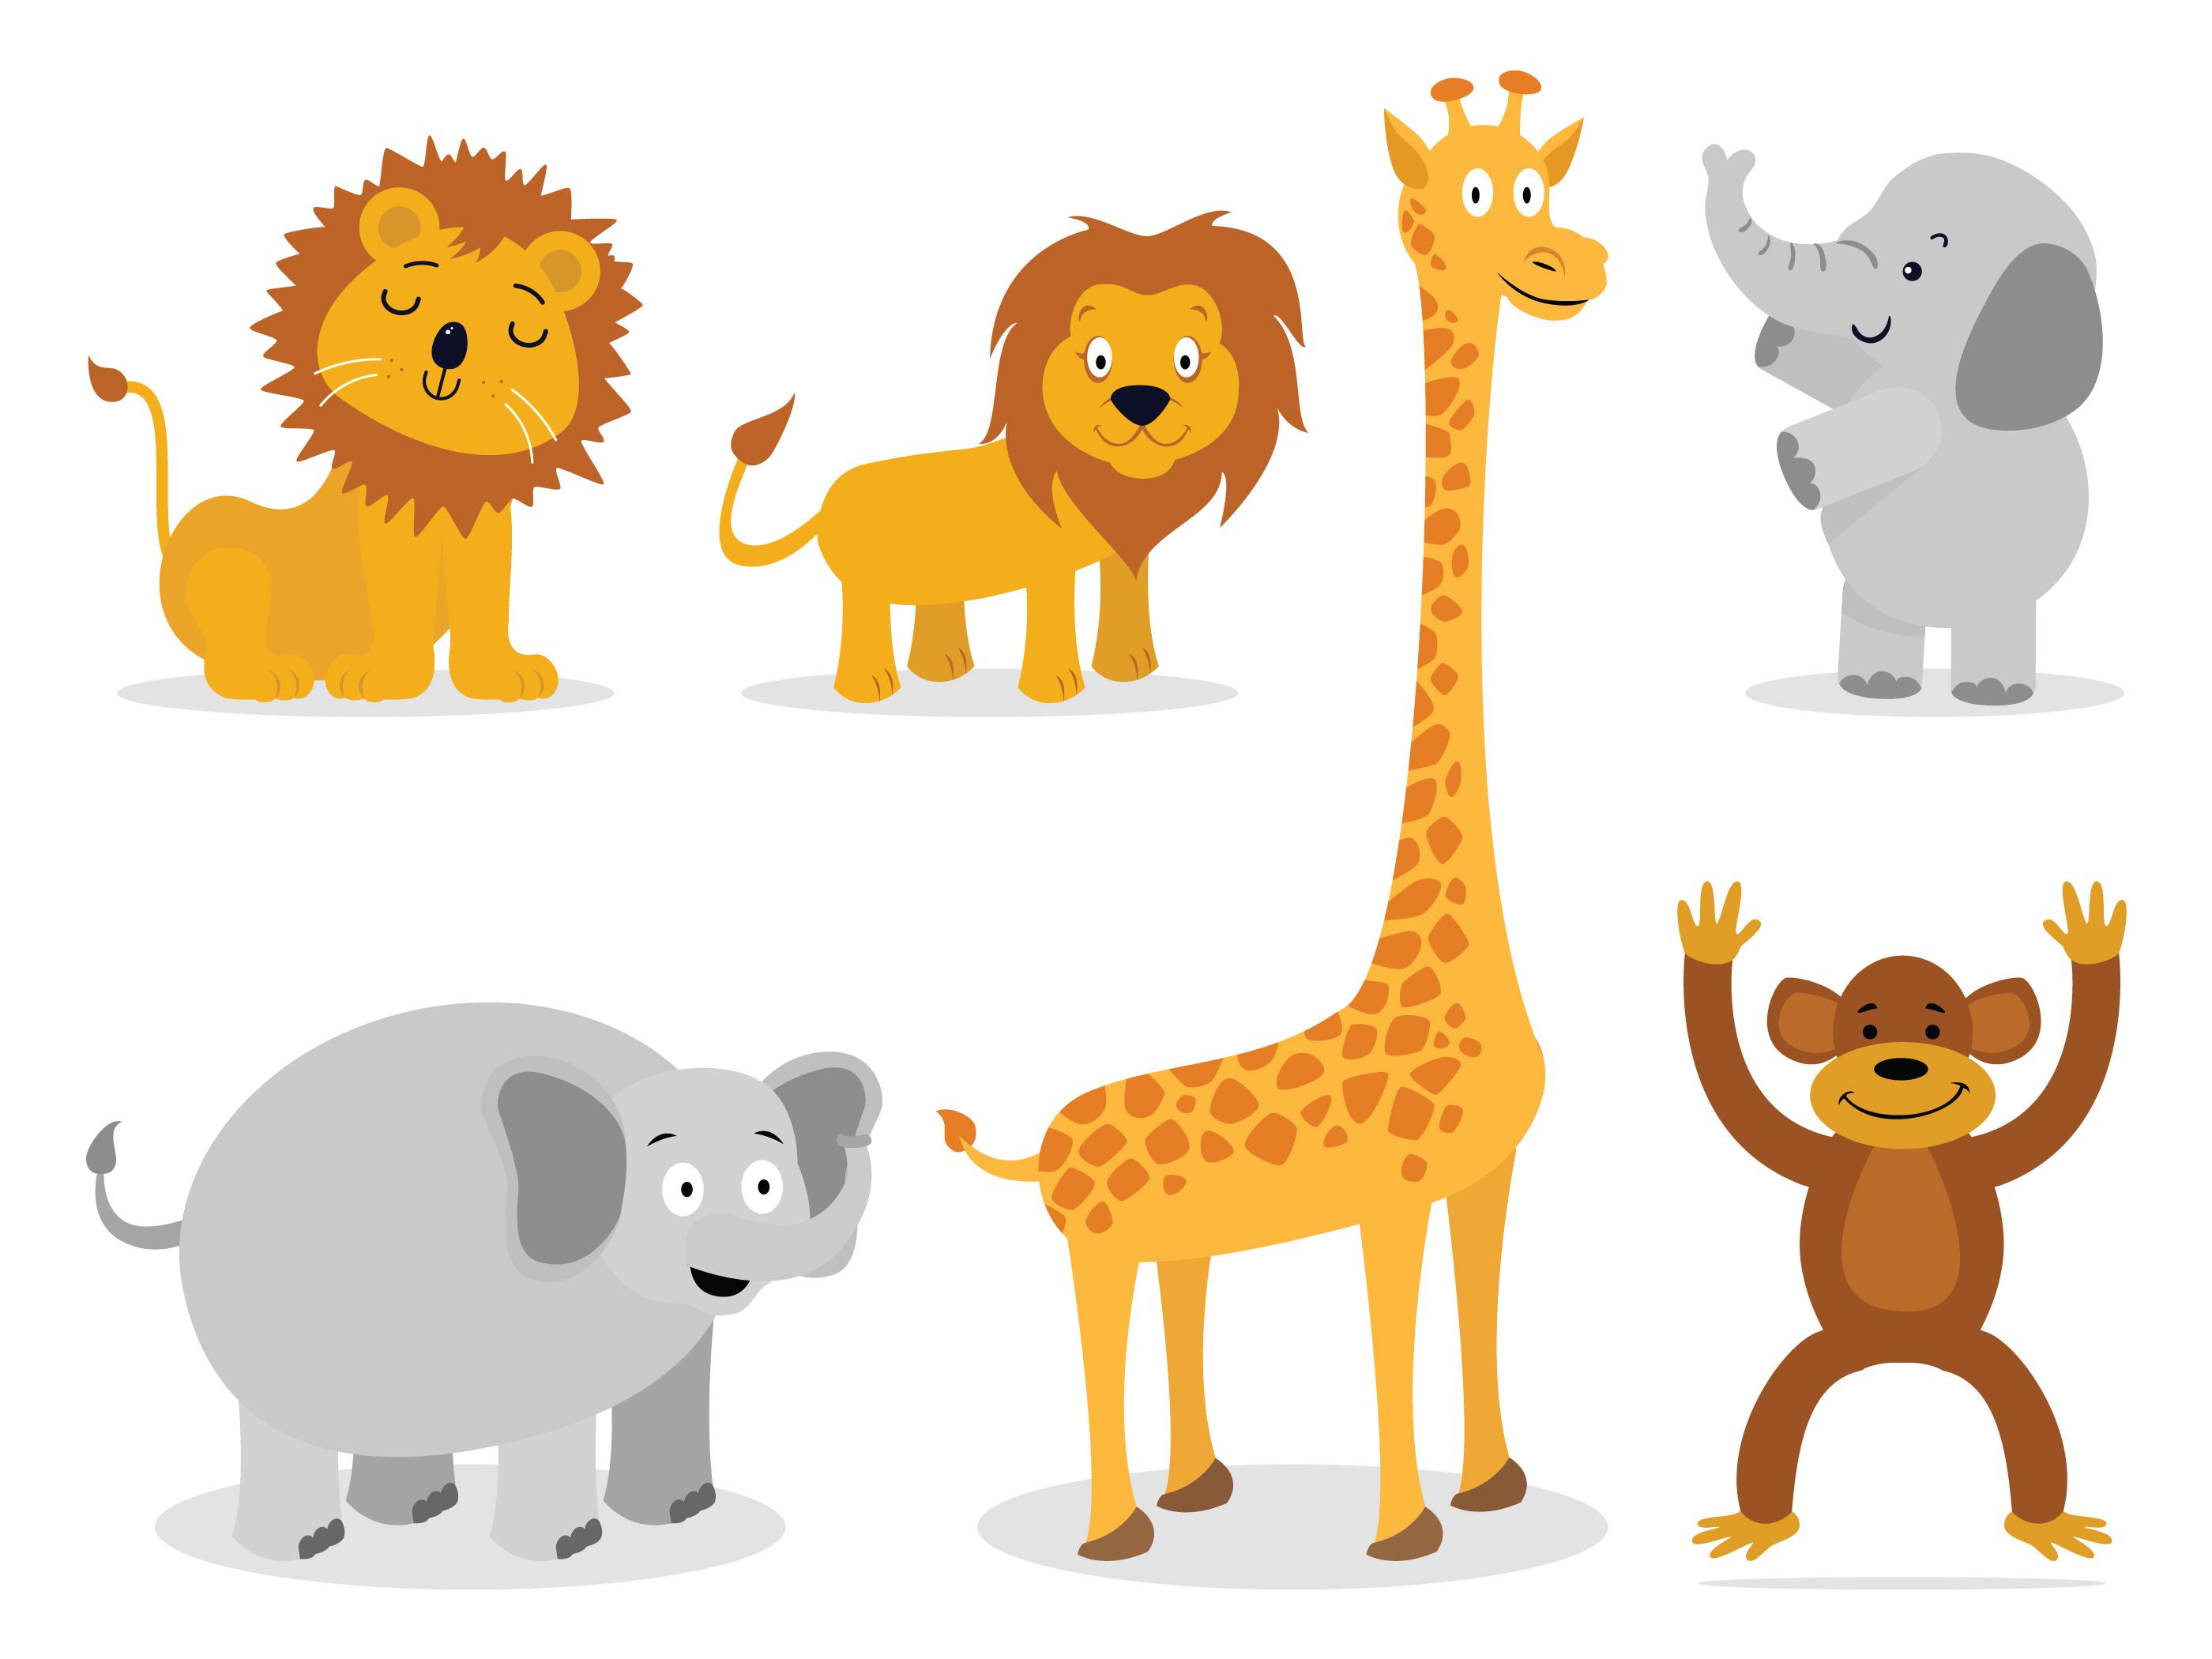 Cute Elephant Design Wallpaper Giraffe Free Vector Art 10345 Free Downloads